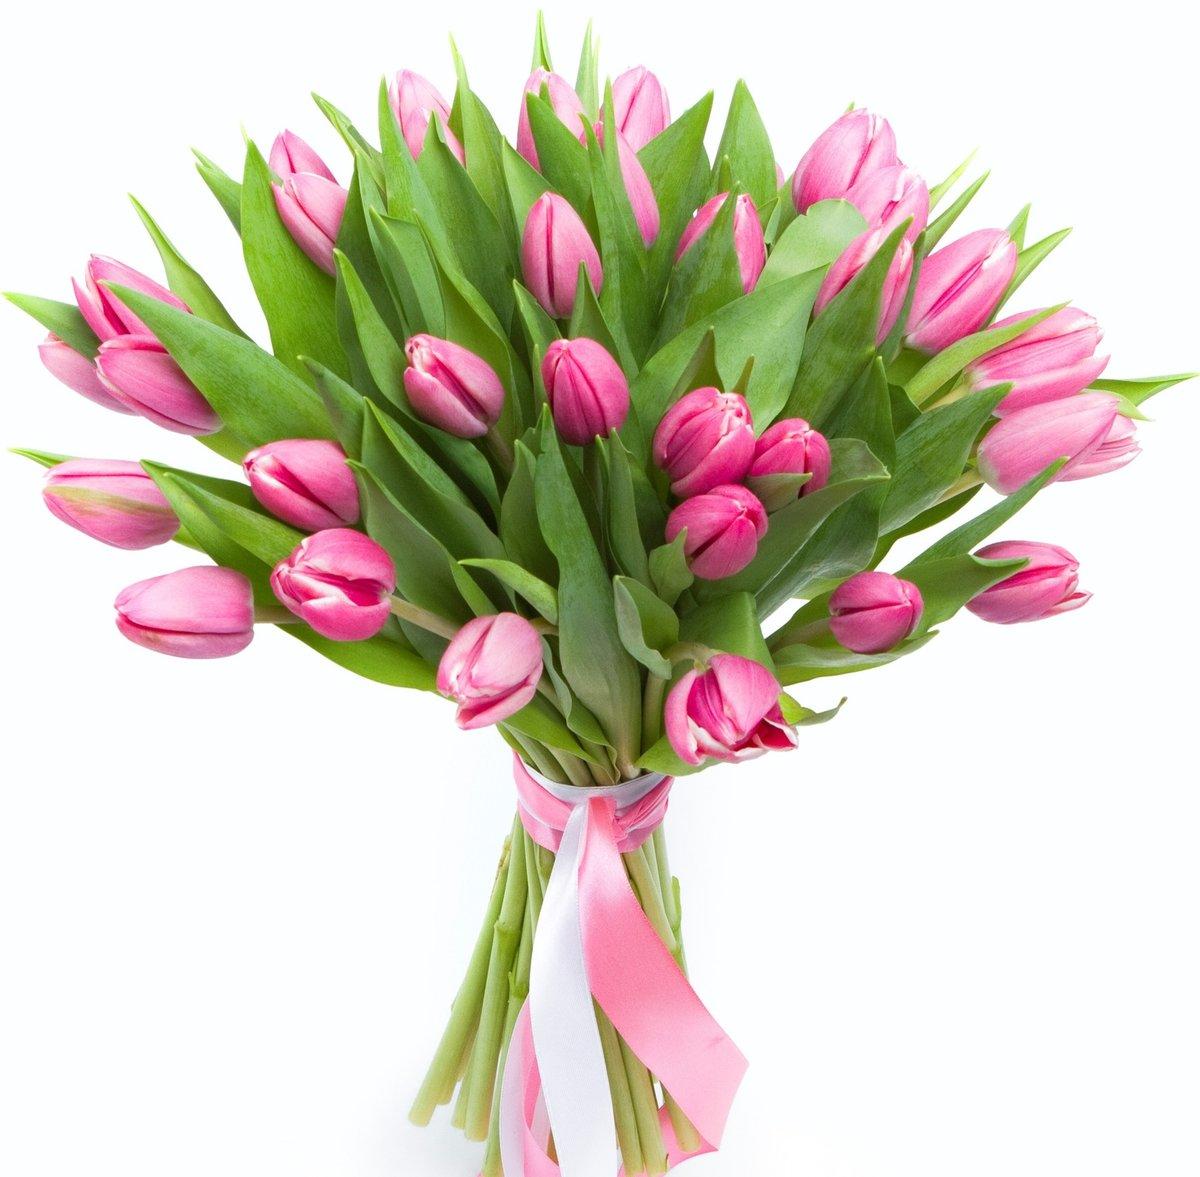 Цветов, пестрый букет тюльпанов